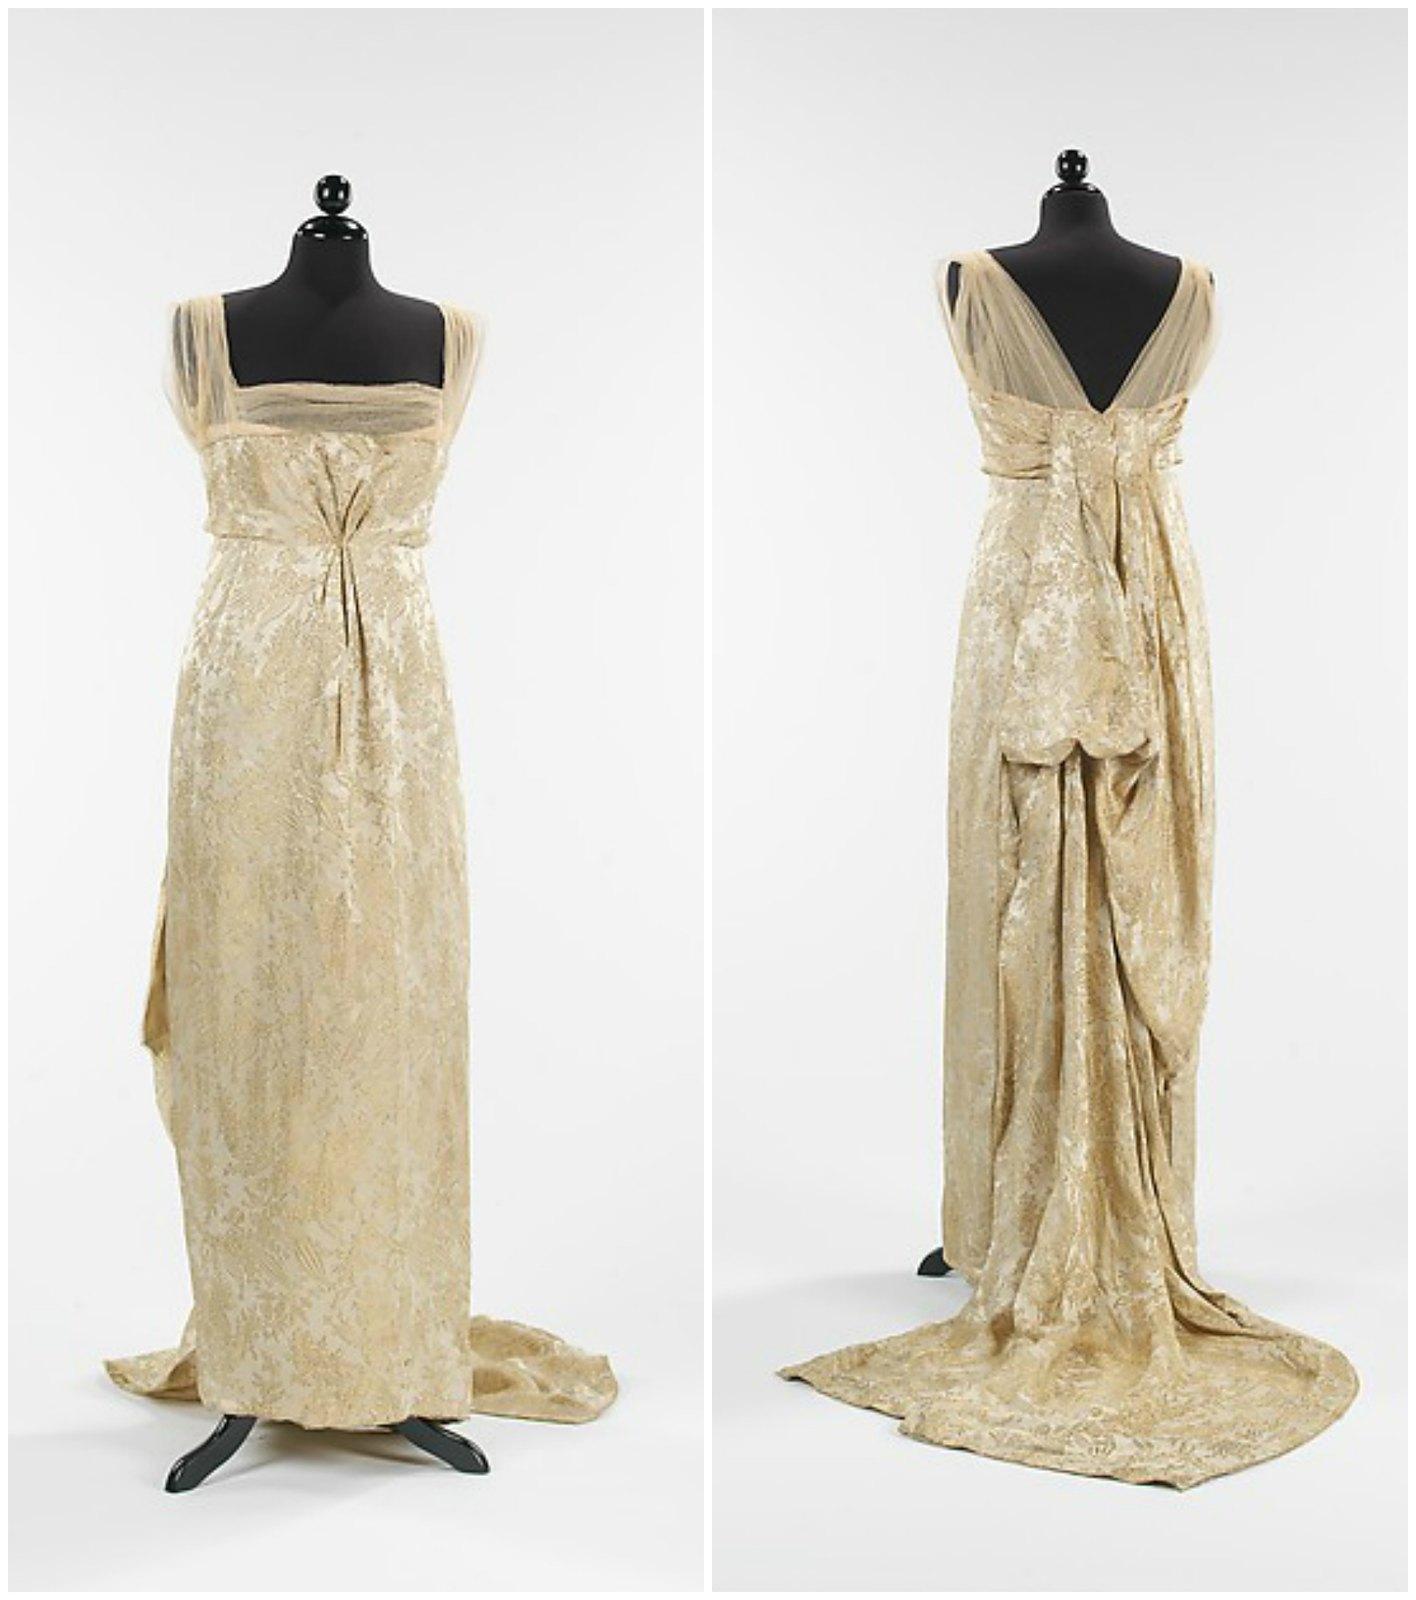 1914. Callot Soeurs. Silk, metal. metmuseum